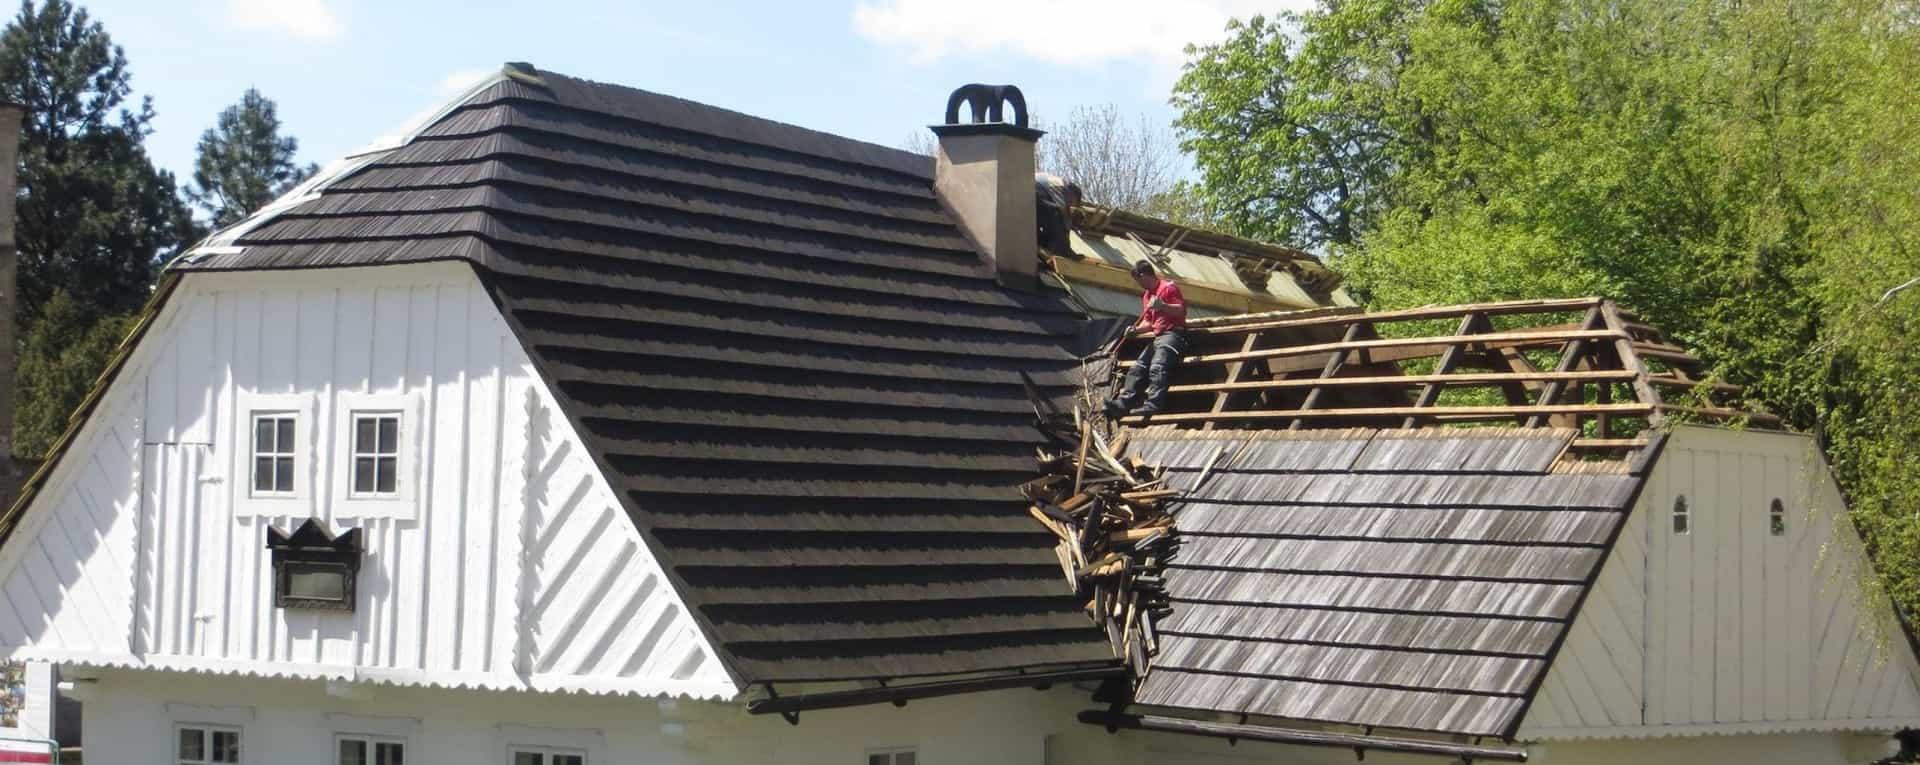 A roof repair in progress